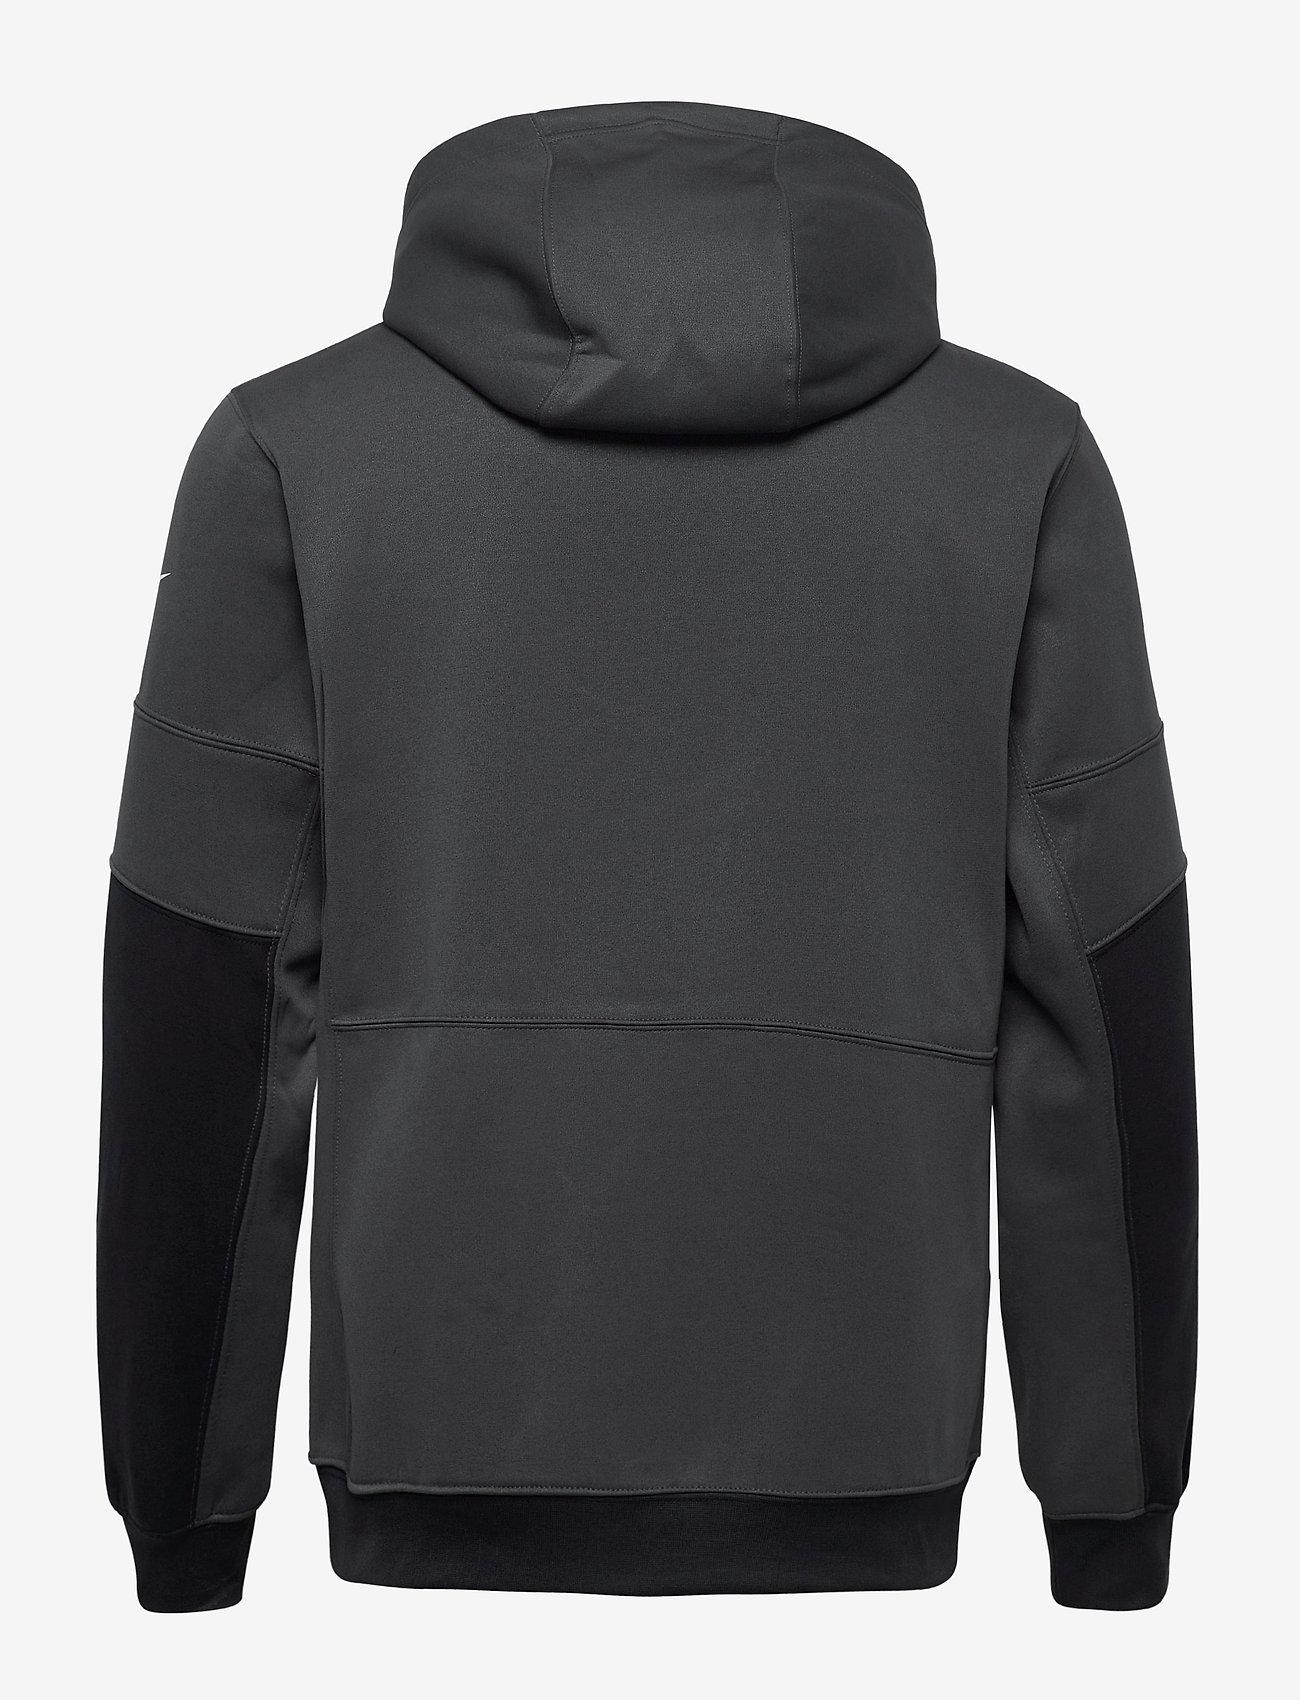 NIKE Fan Gear New York Giants Nike Lockup Therma Full Zip Hoodie - Sweatshirts ANTHRACITE / BLACK - Menn Klær